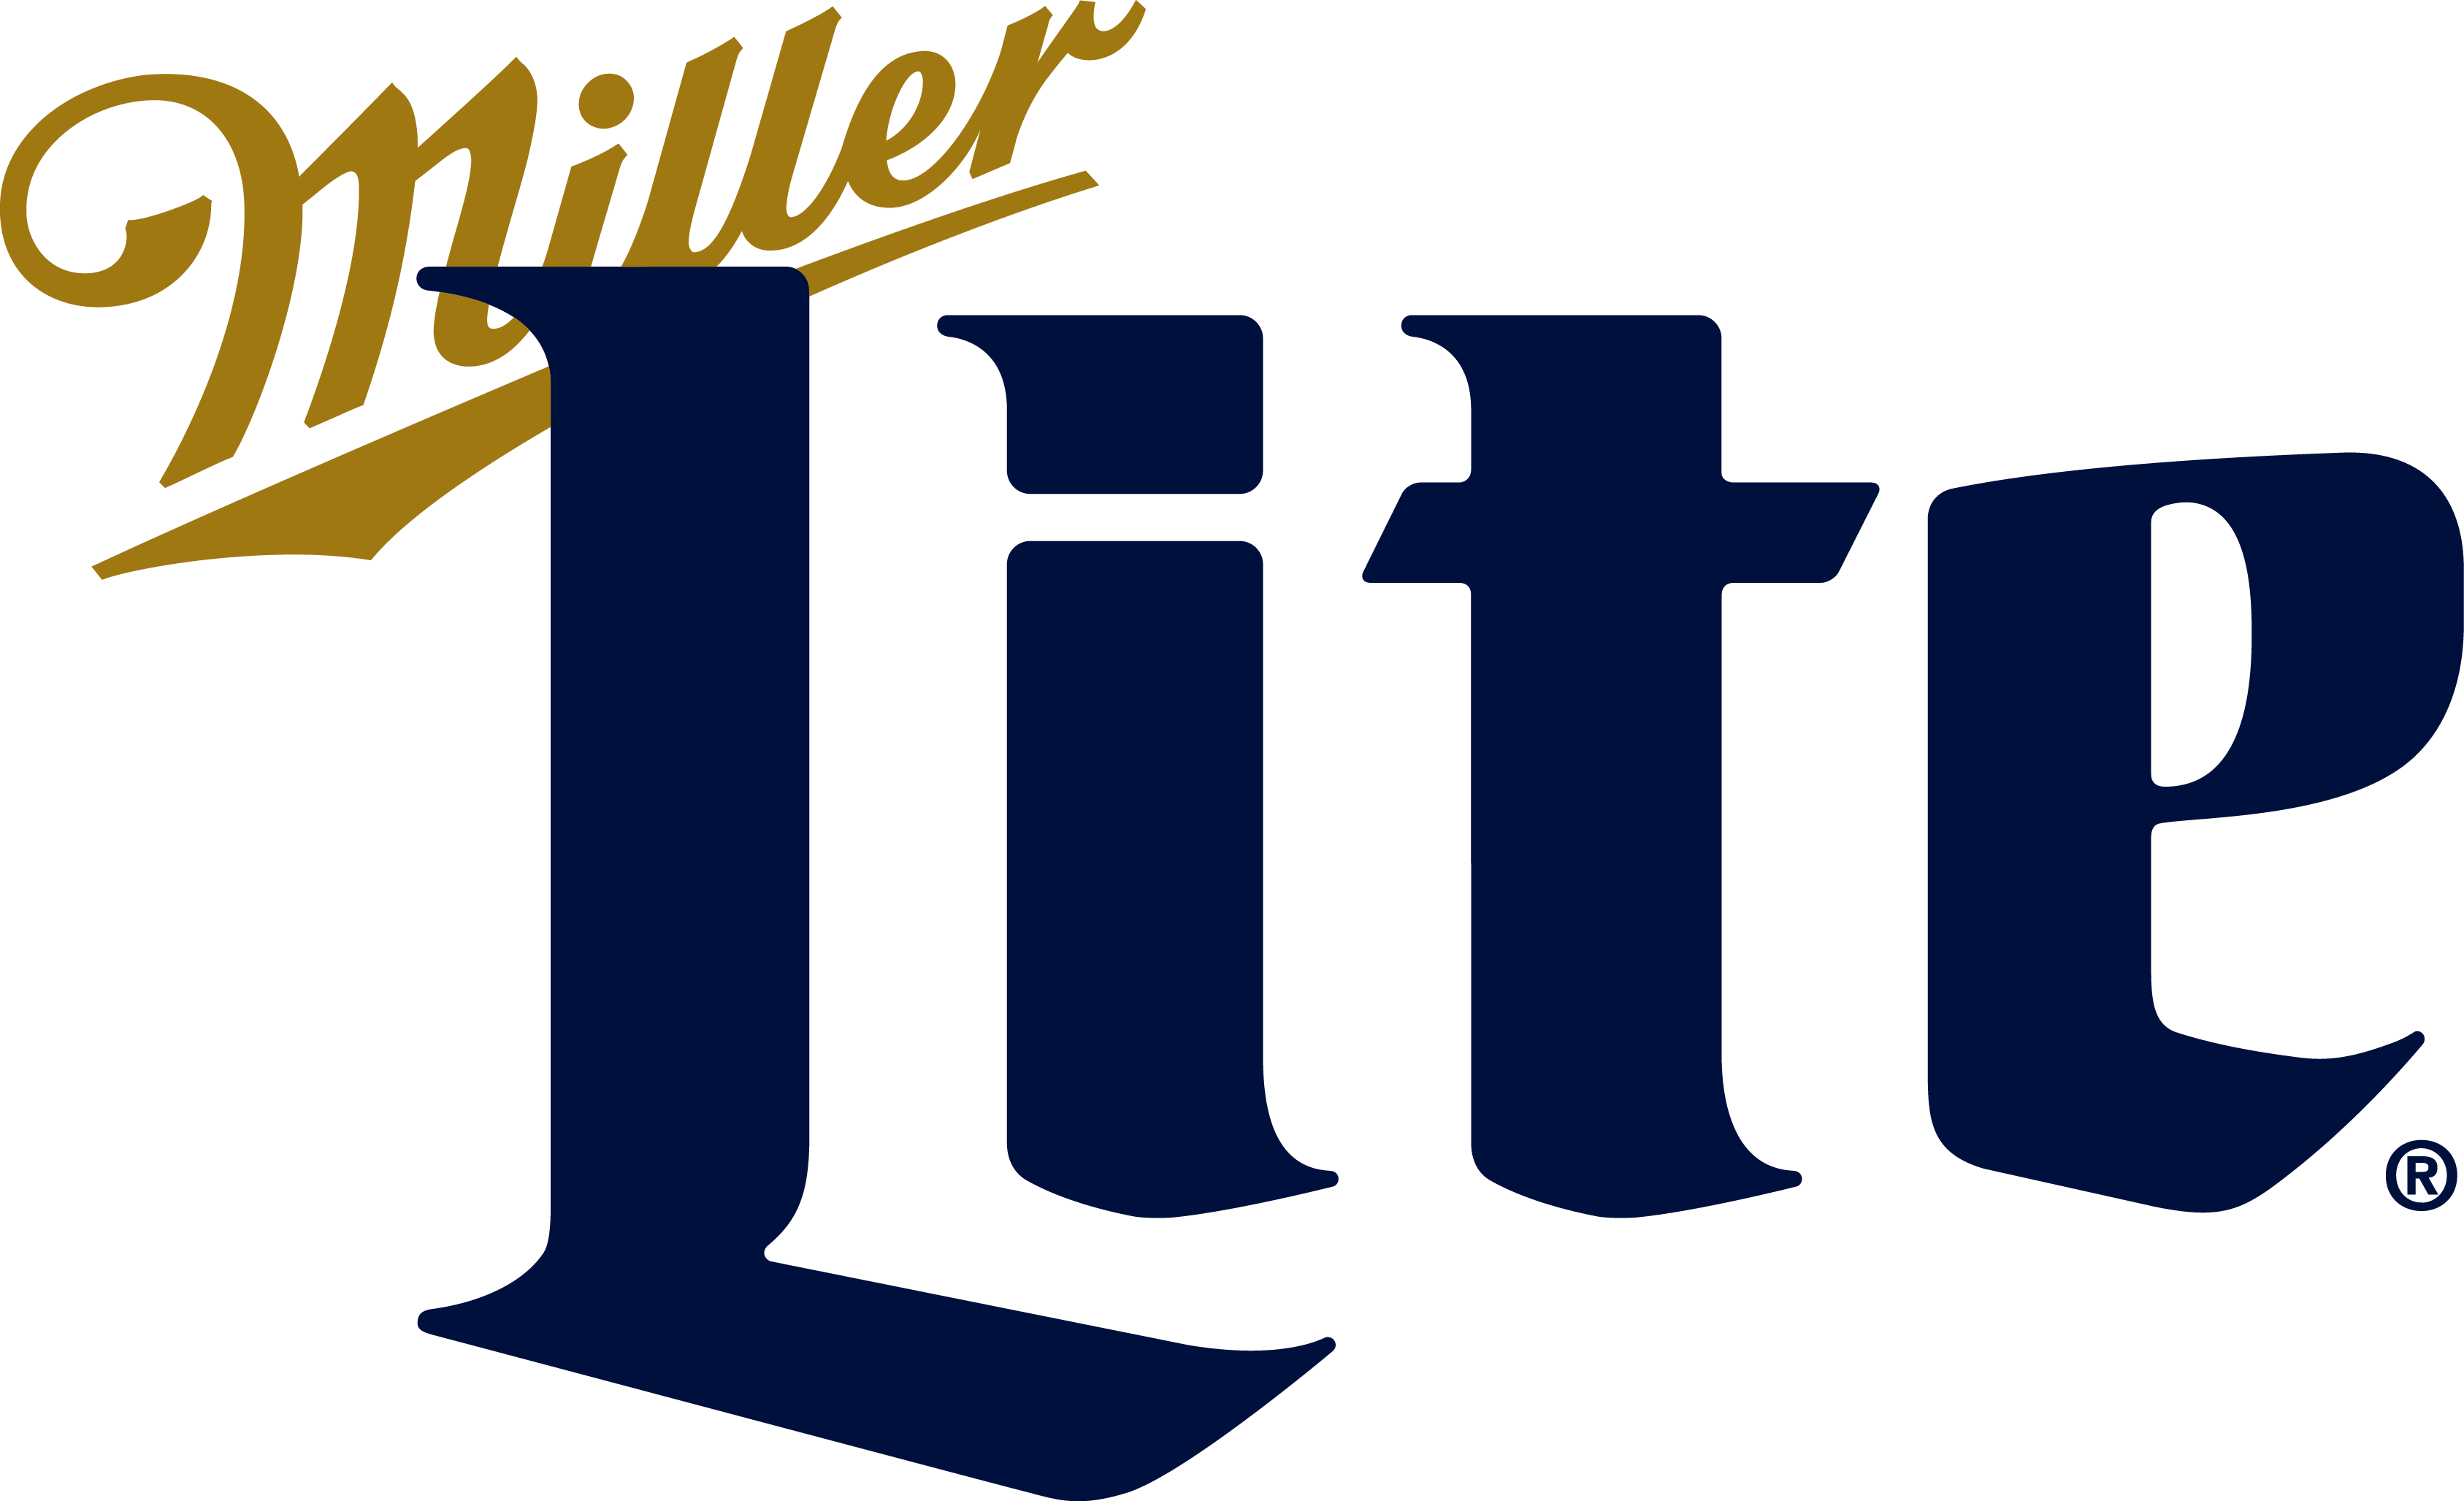 https://www.legacybeverage.com/wp-content/uploads/2020/05/miller_lite_logo_01.png